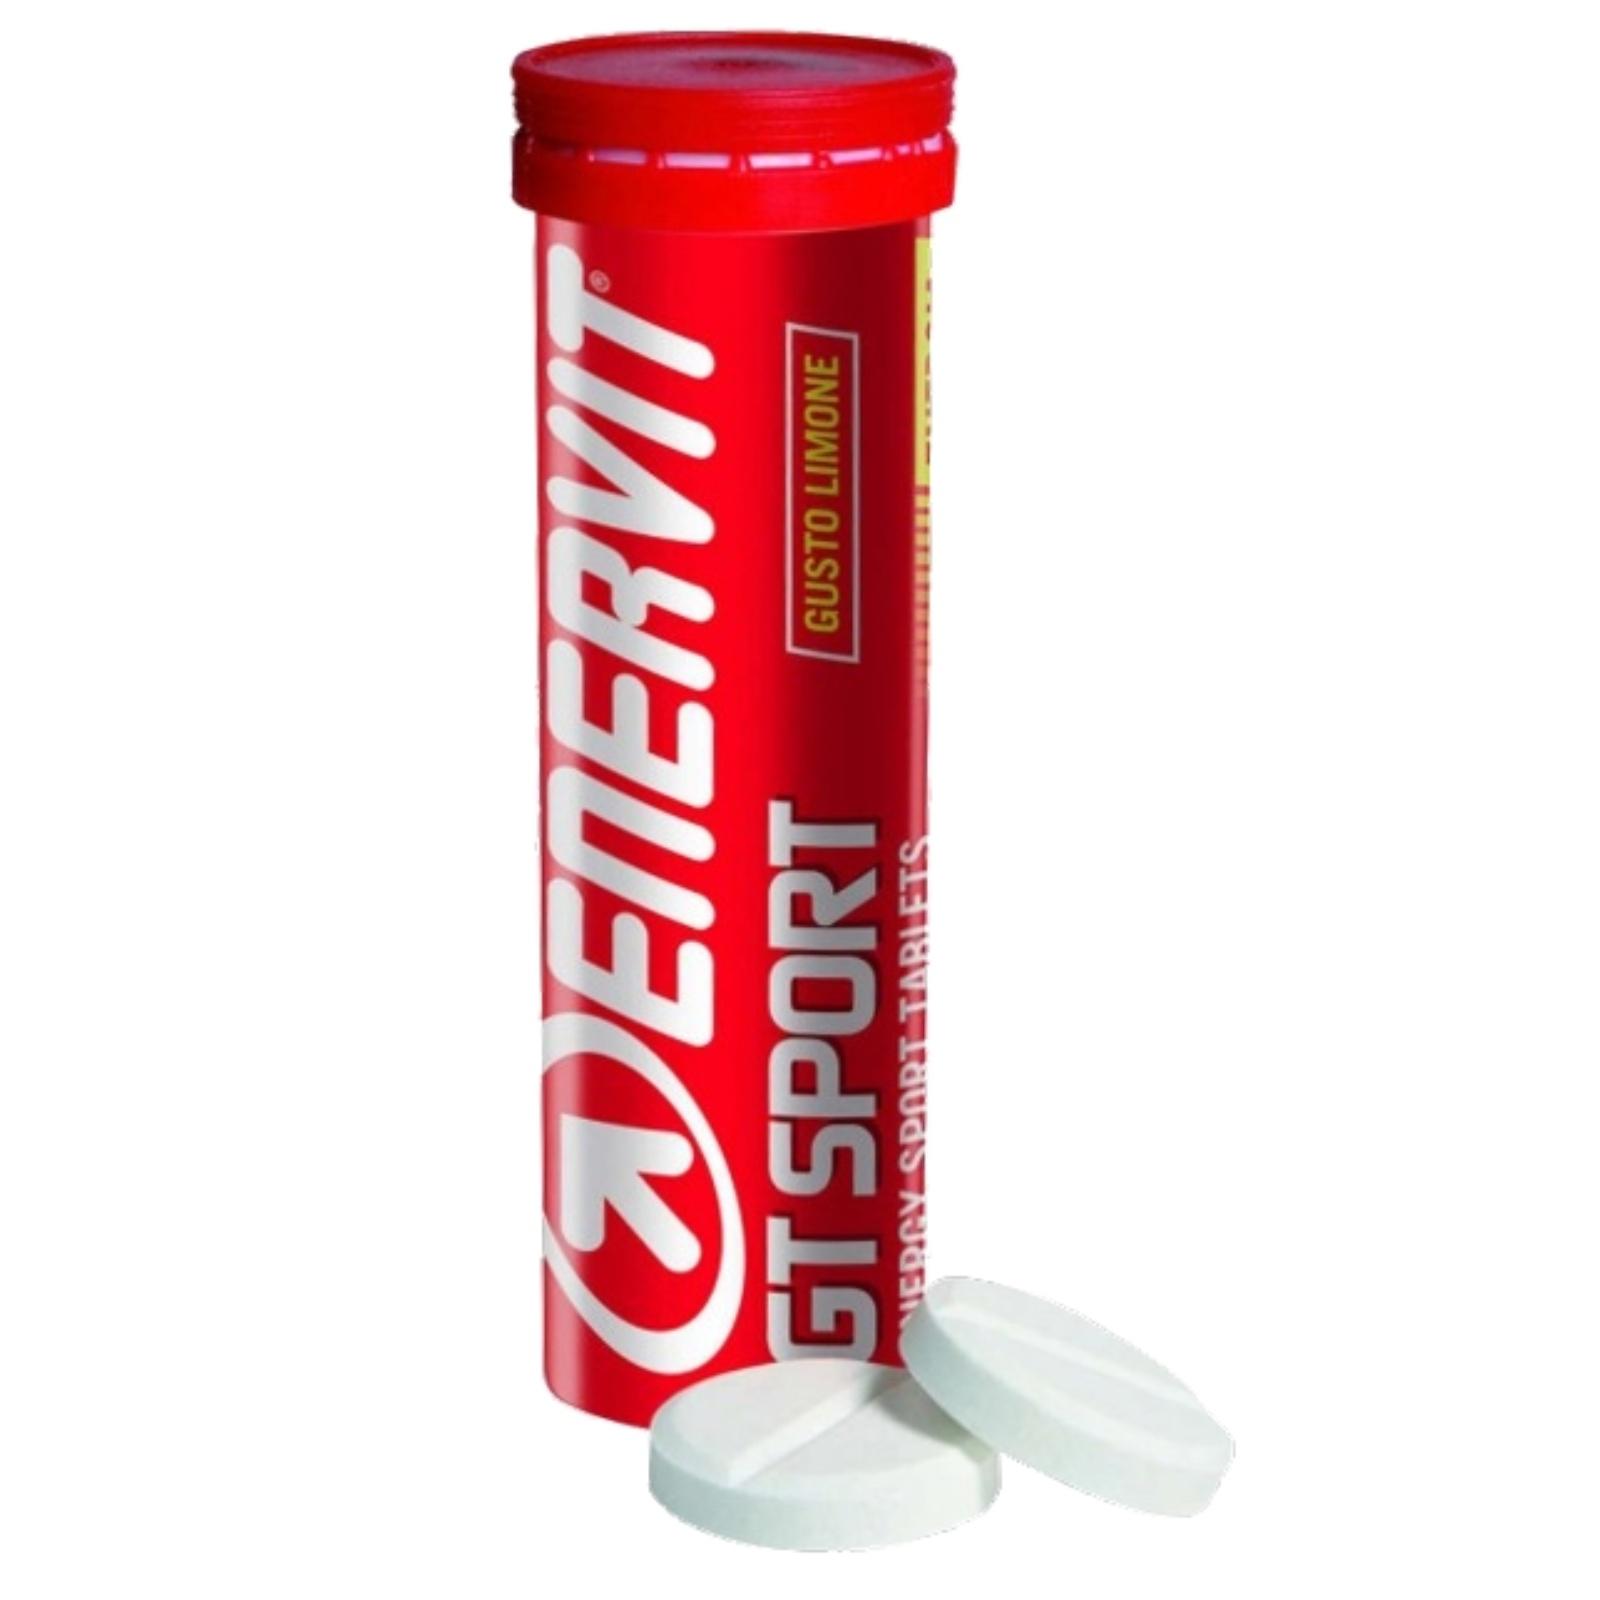 Energetické tablety ENERVIT GT 12 ks